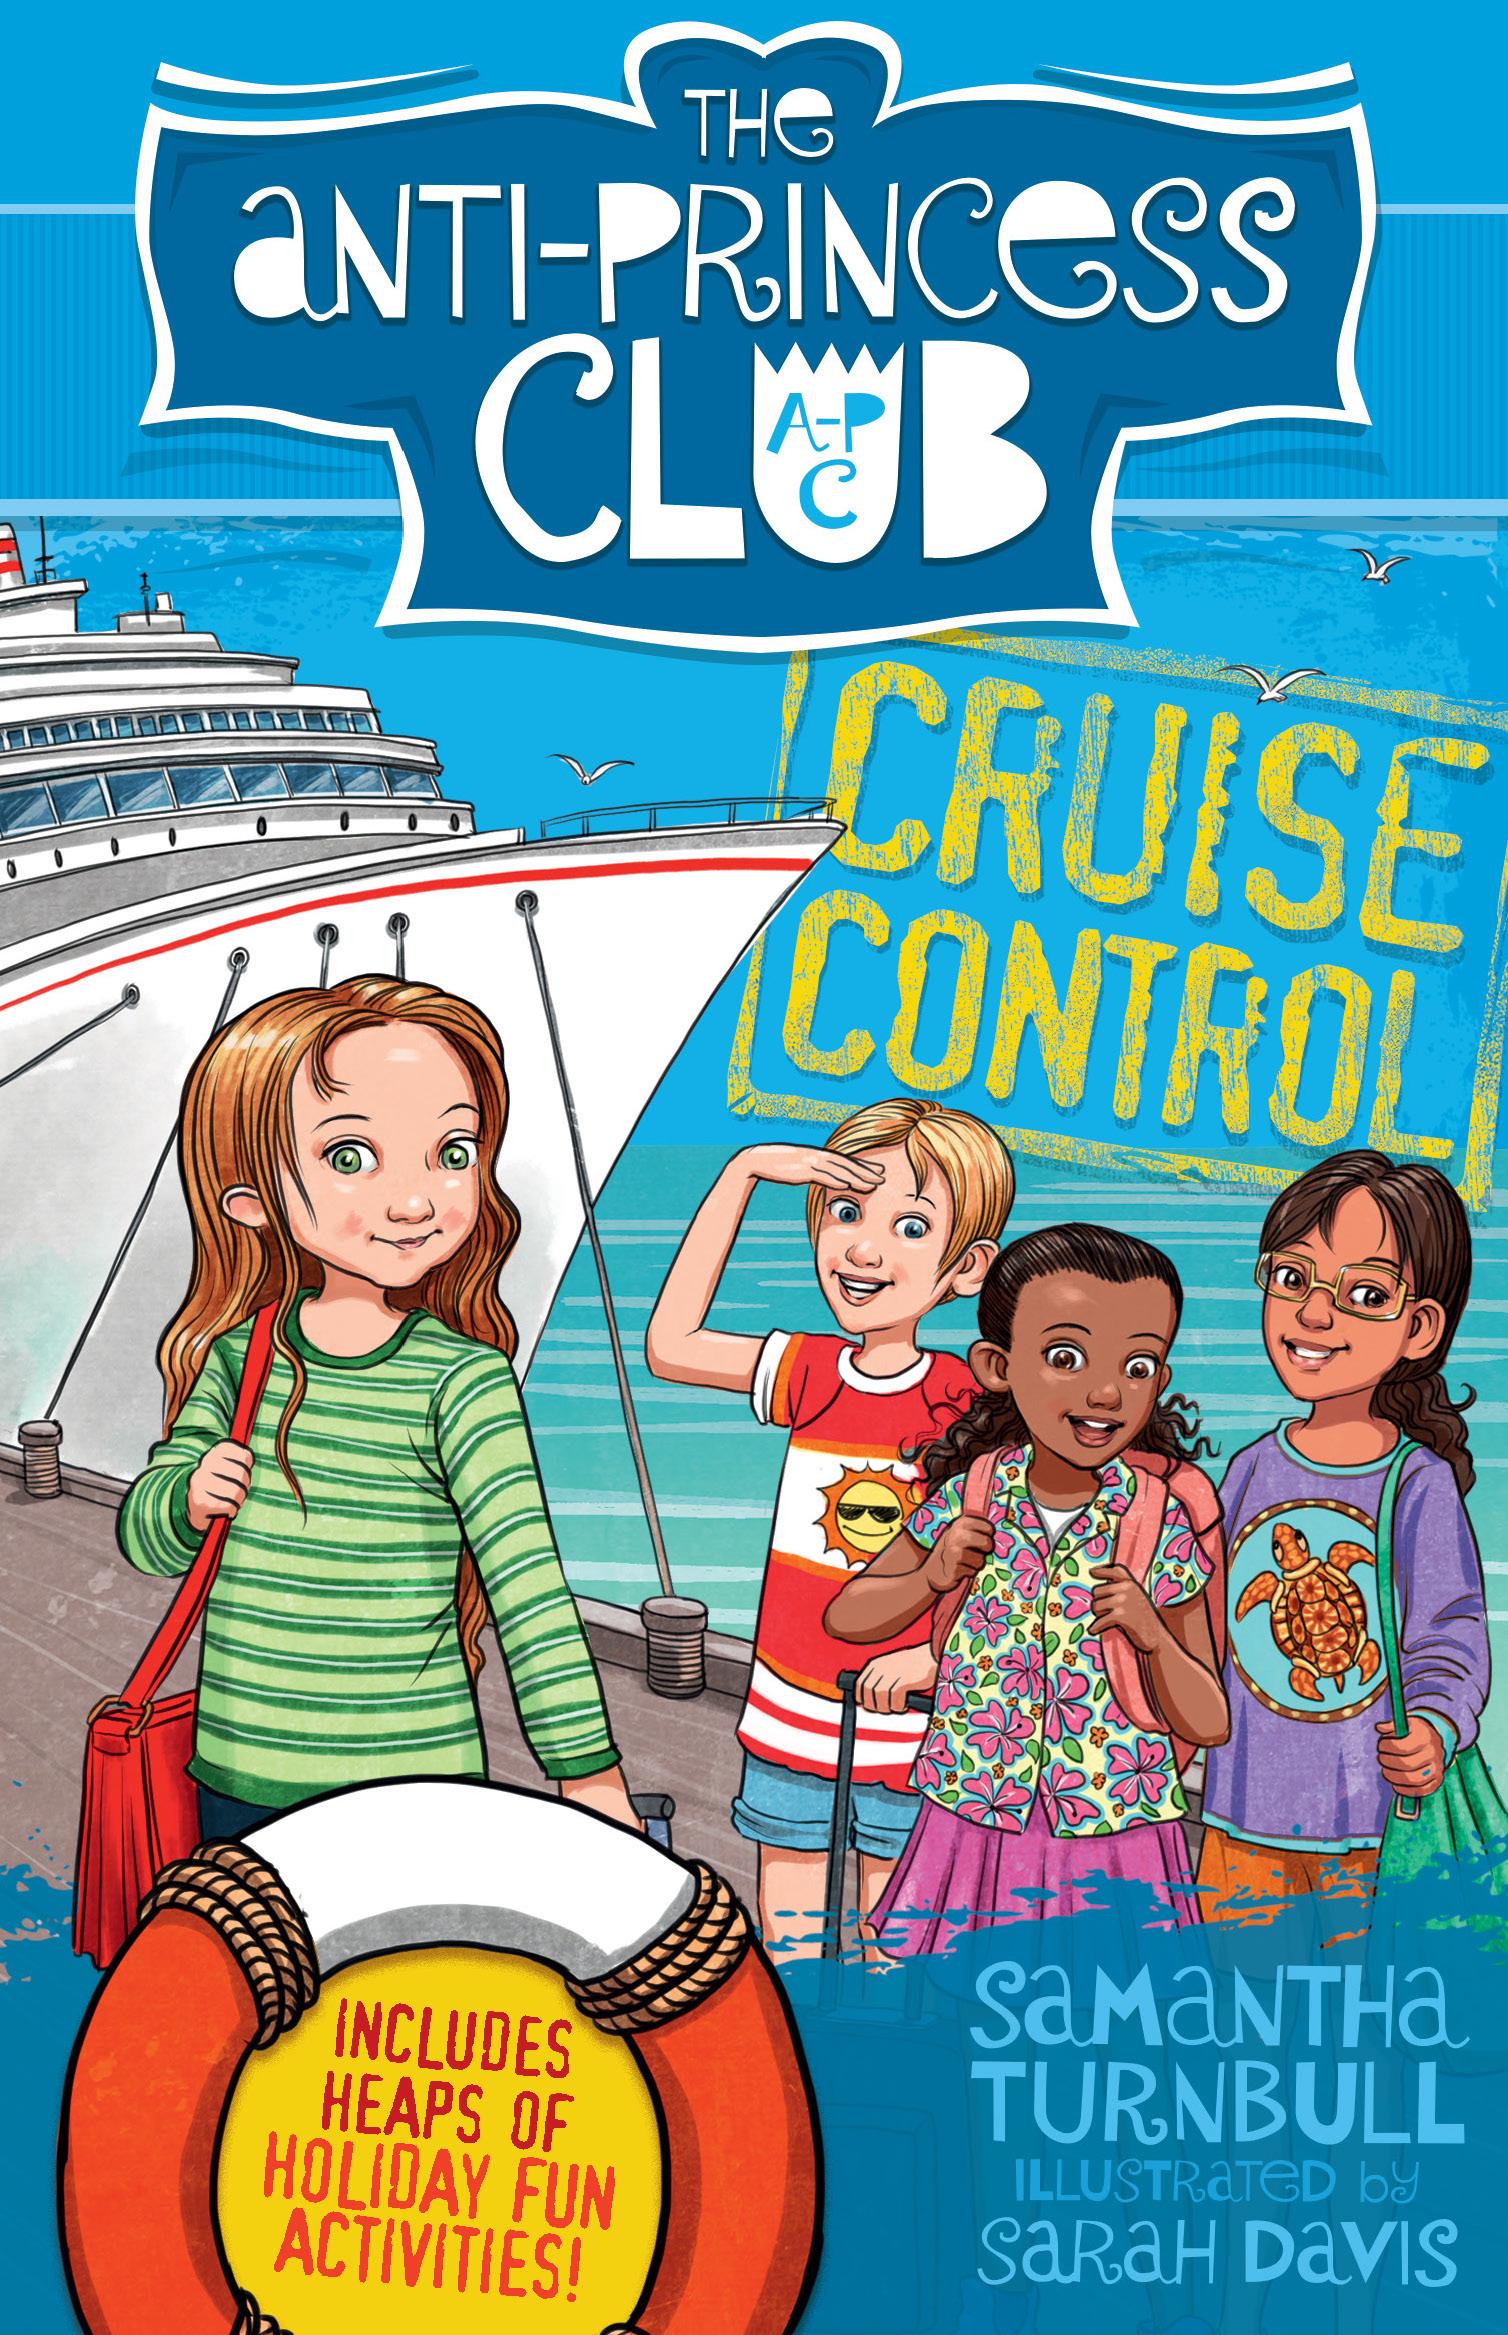 Book Five Cruise Control